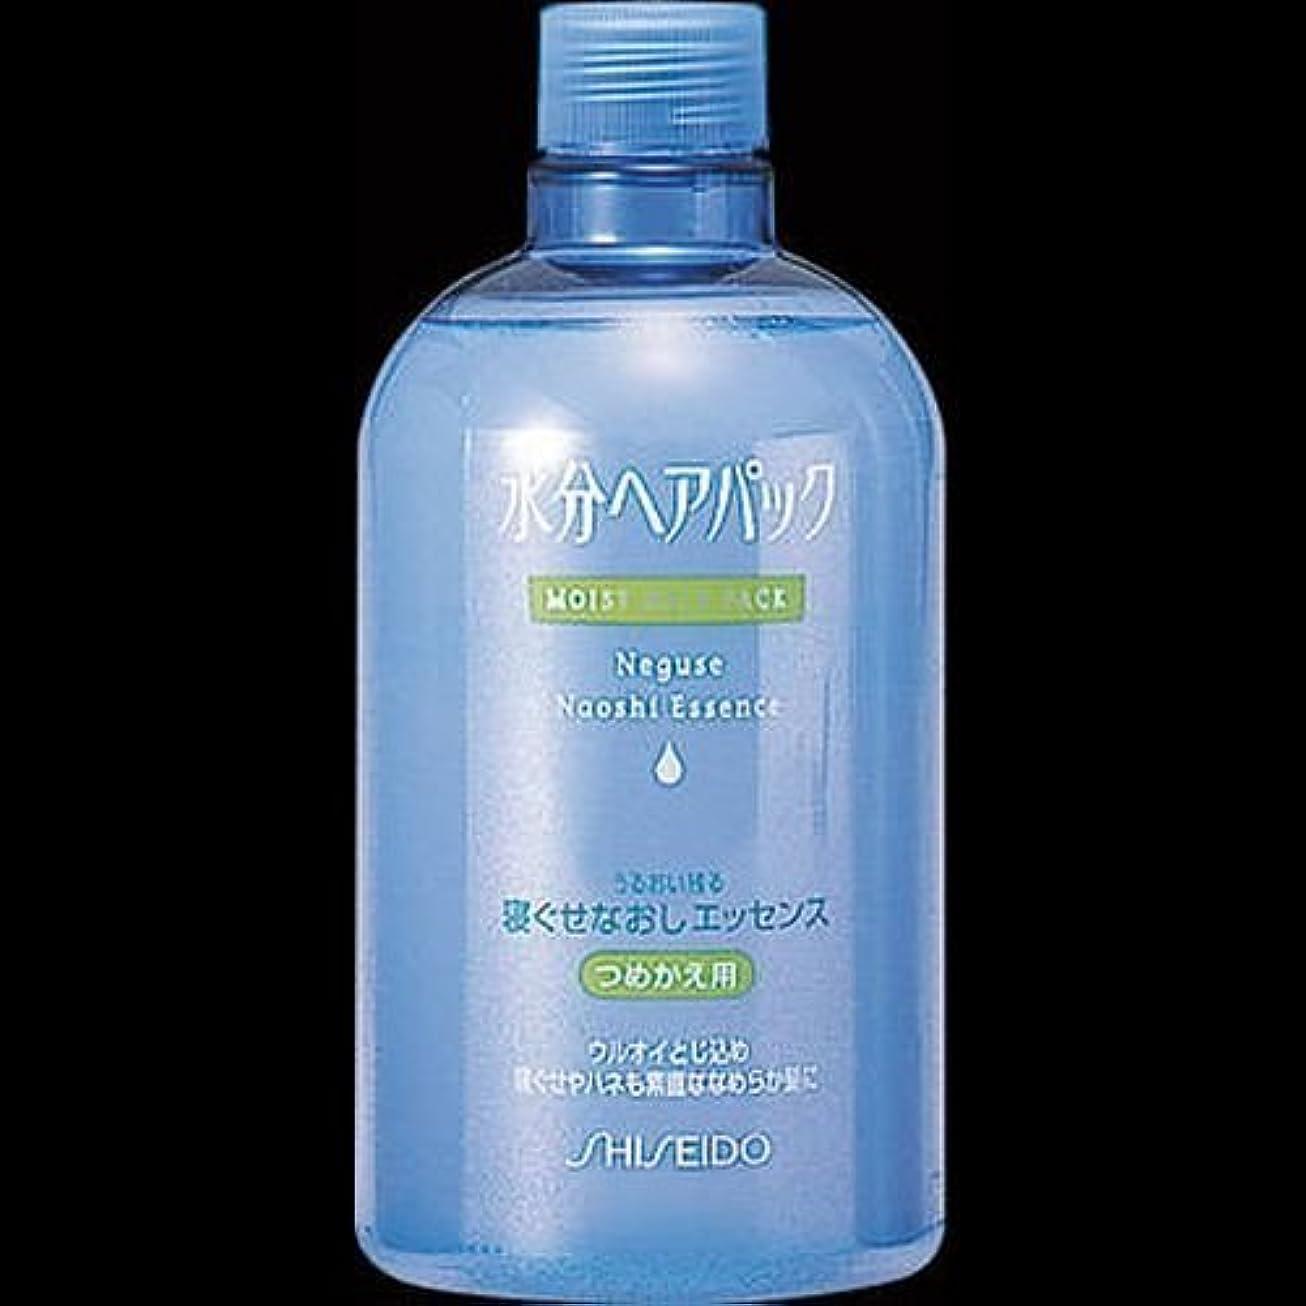 【まとめ買い】水分ヘアパック 寝ぐせなおしエッセンス 詰め替え用 380ml ×2セット